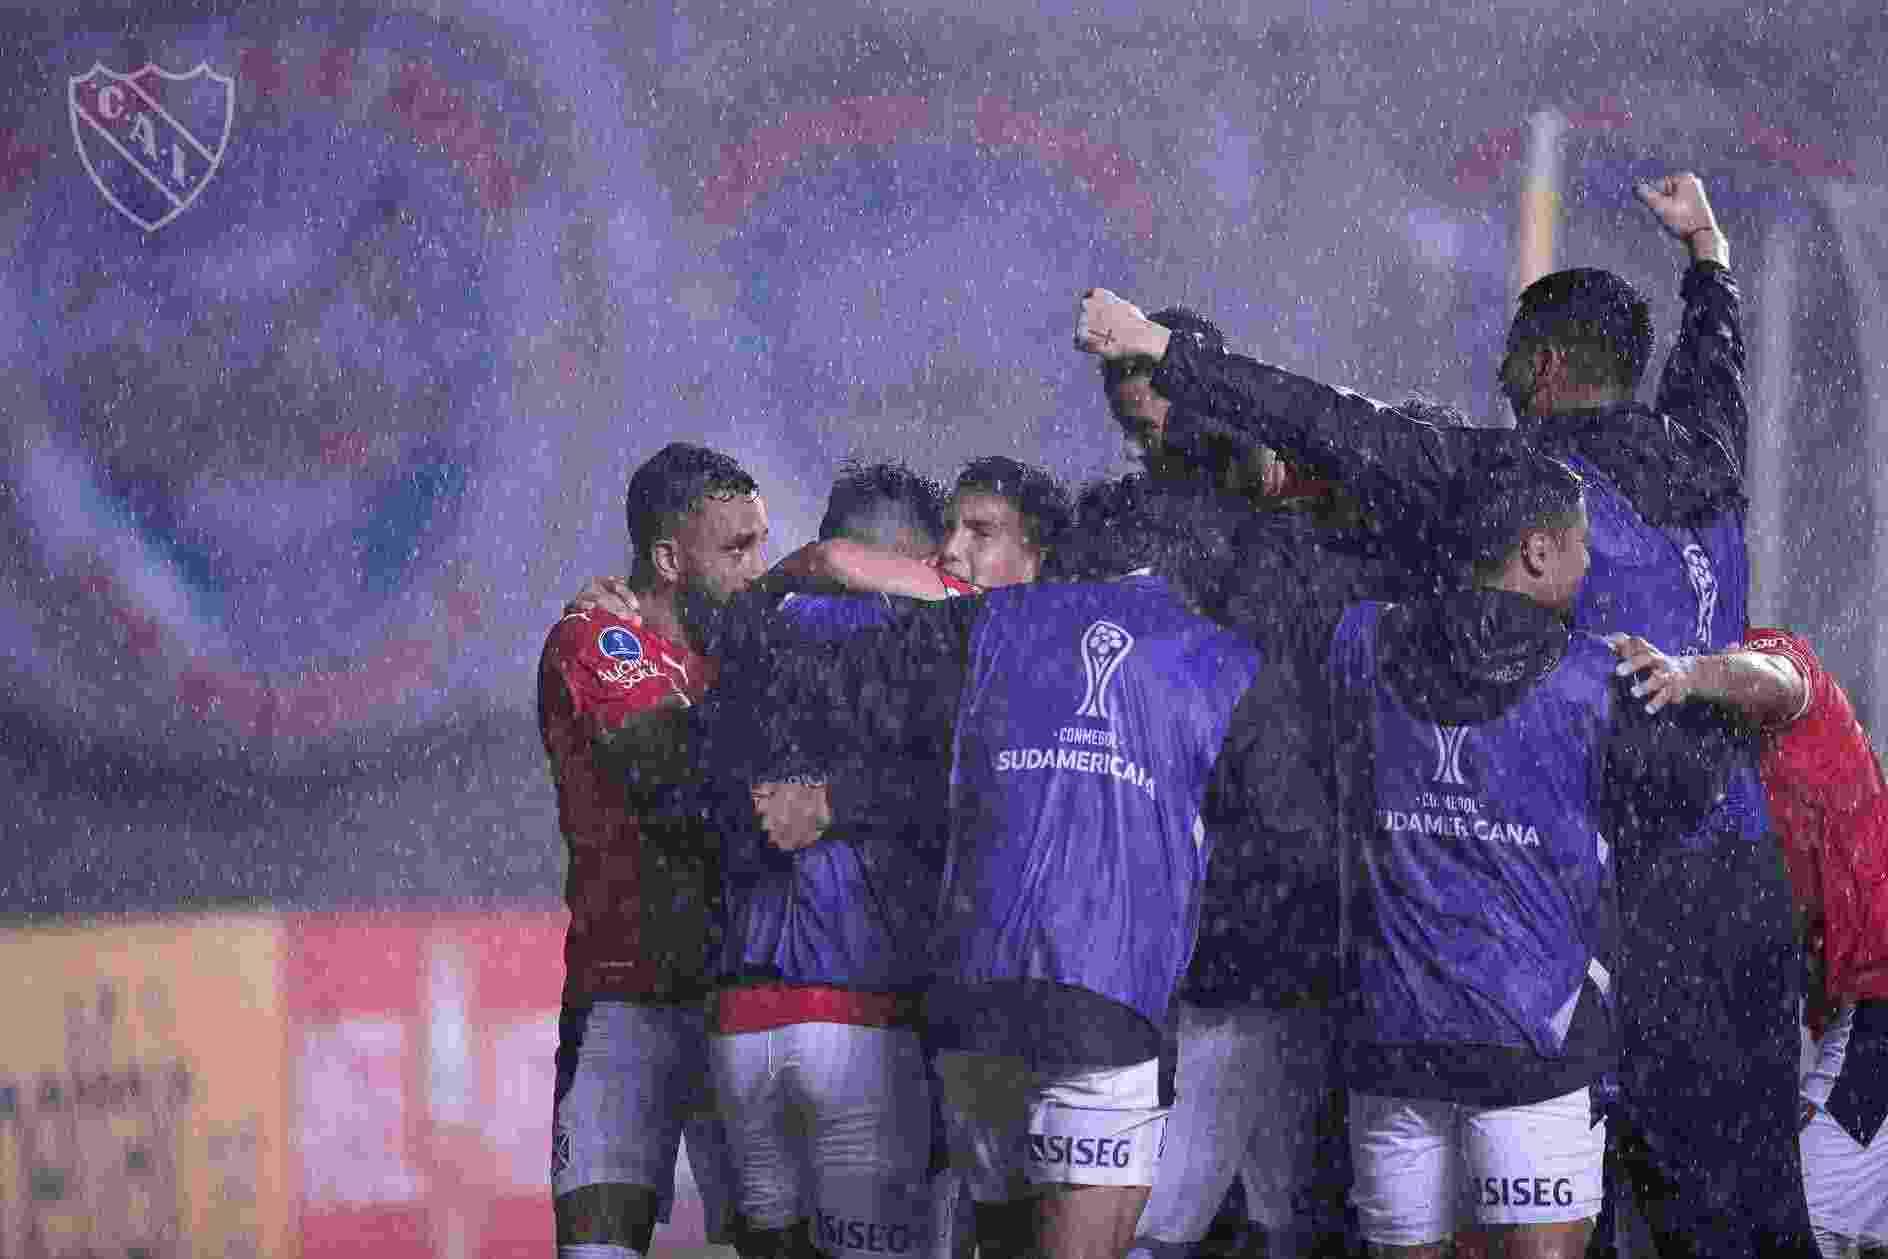 El plantel de Independiente deberá prepararse muy bien para disputar tantos partidos en poco tiempo.